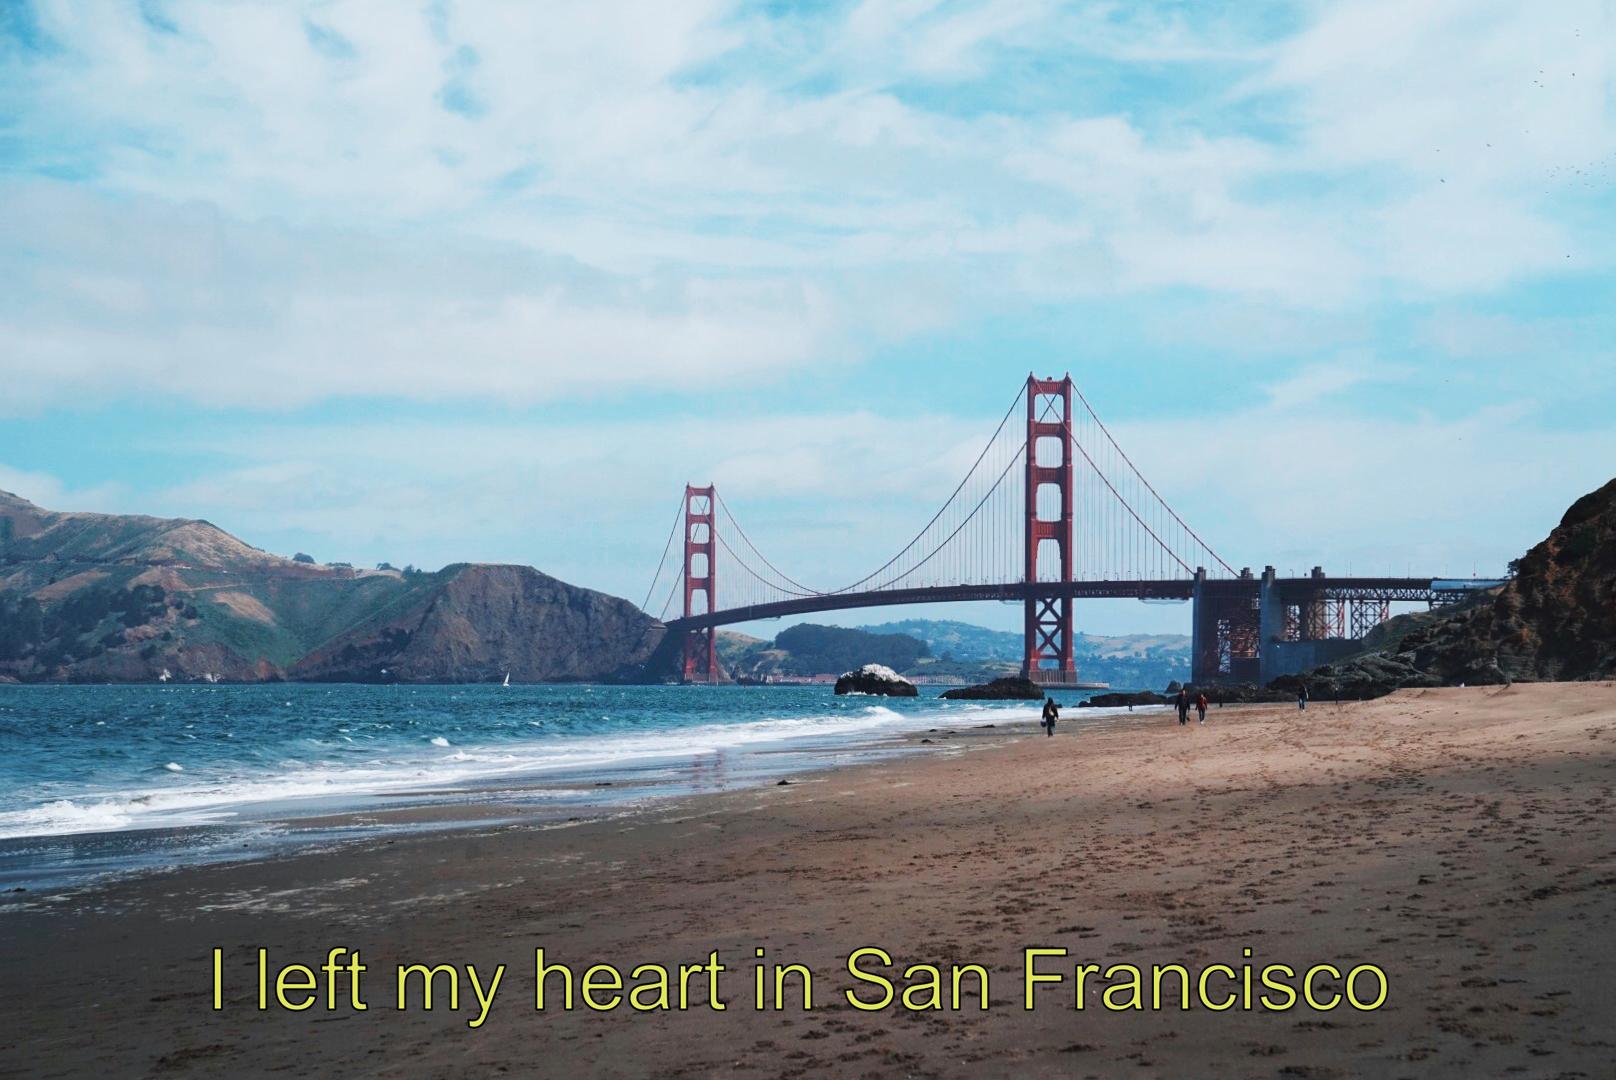 샌프란시스코 copy.jpg